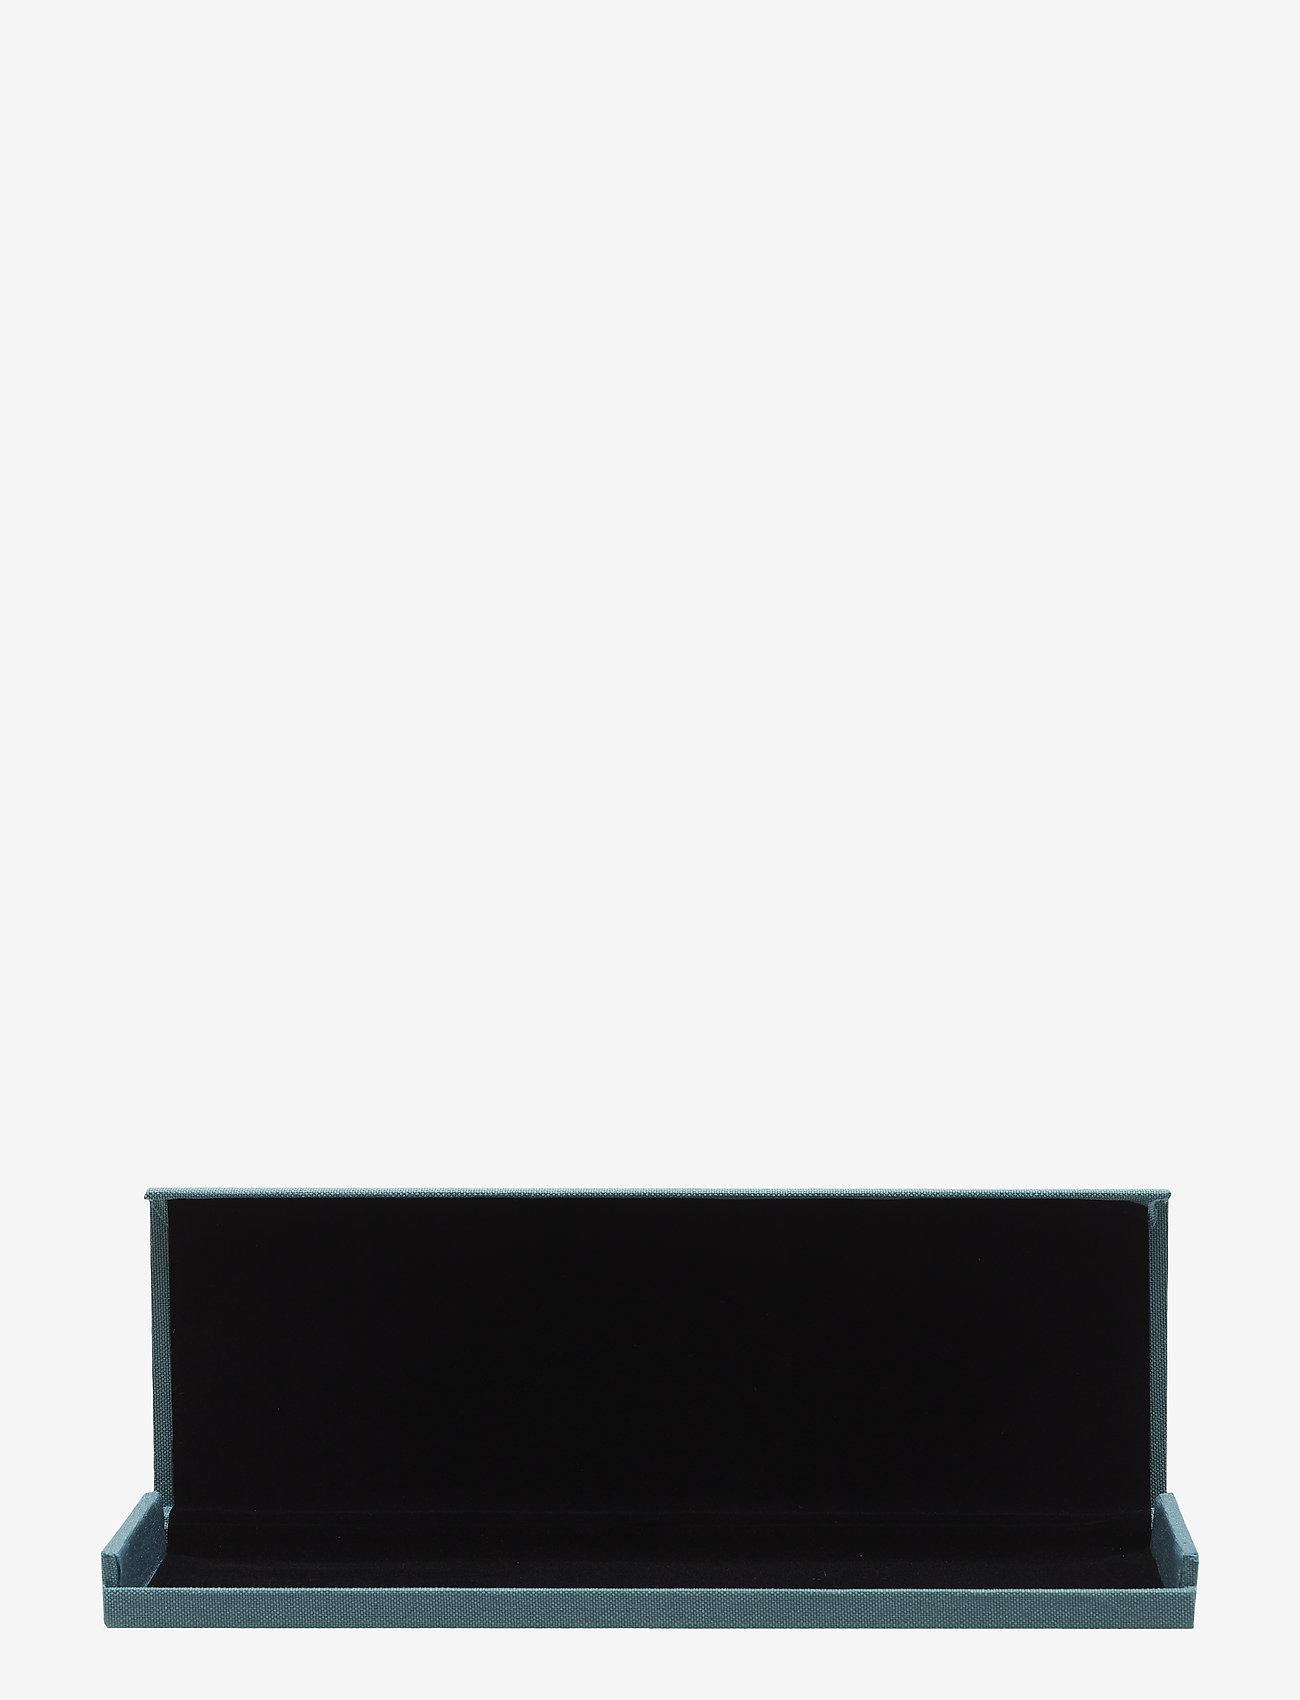 Textile Pencil Case (Green) (20.25 €) - Design Letters FtG9e